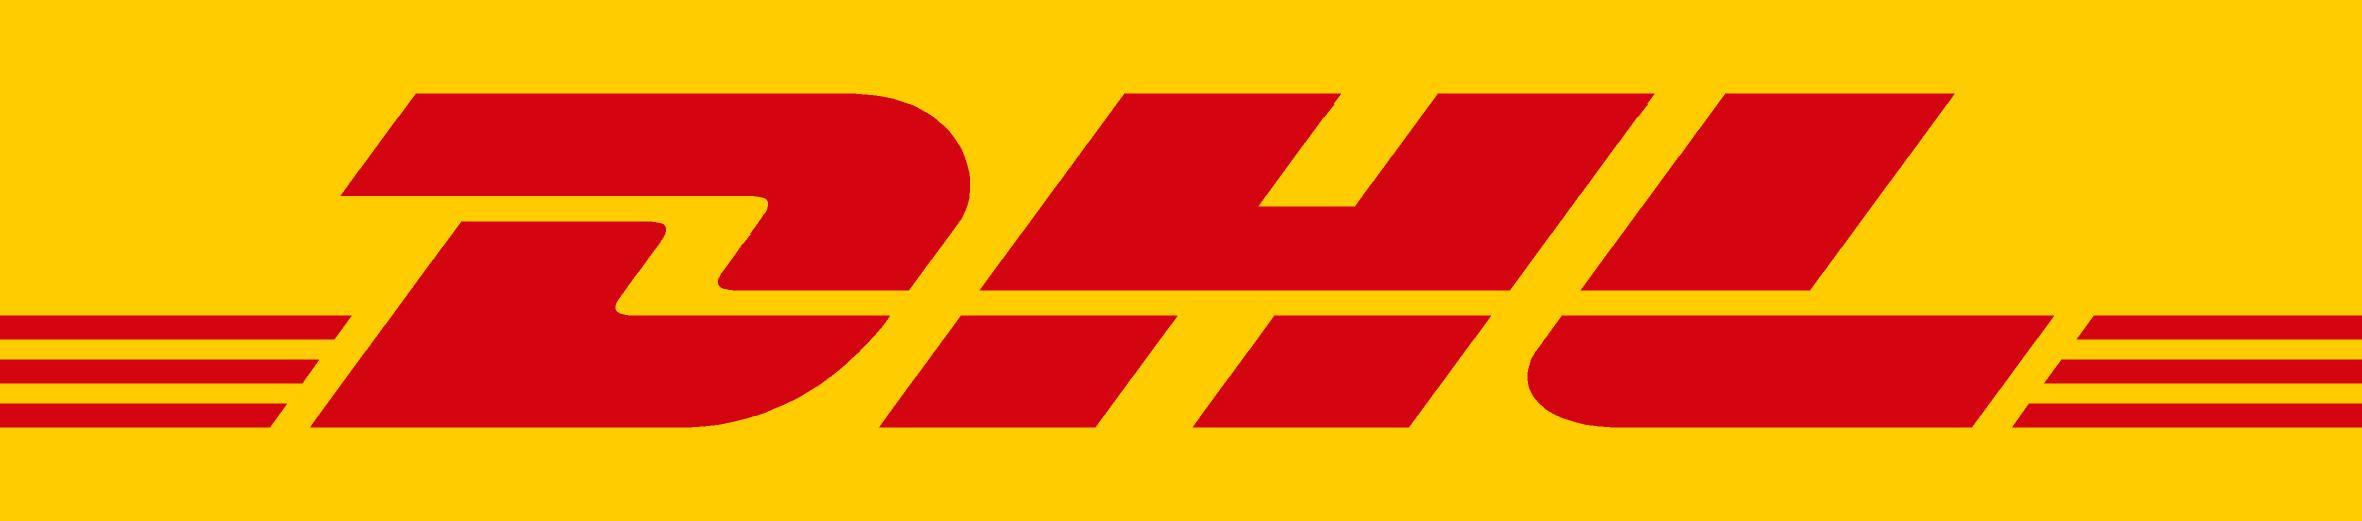 dhl_logo-21.jpg